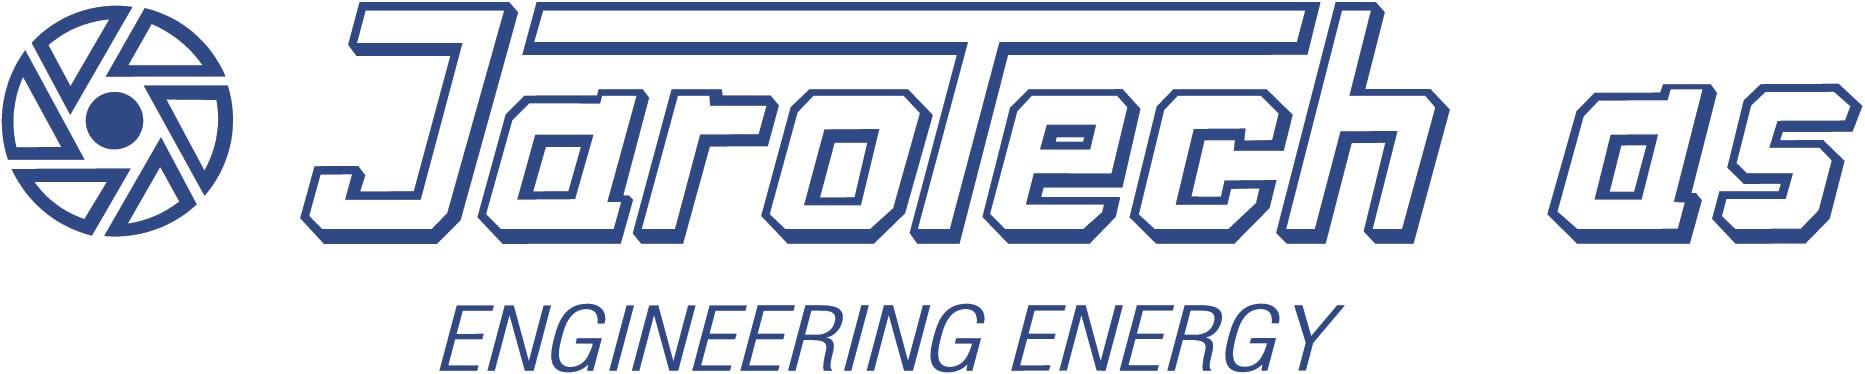 Jarotech AS har samarbeidet med Moss Elektro i 20 år.